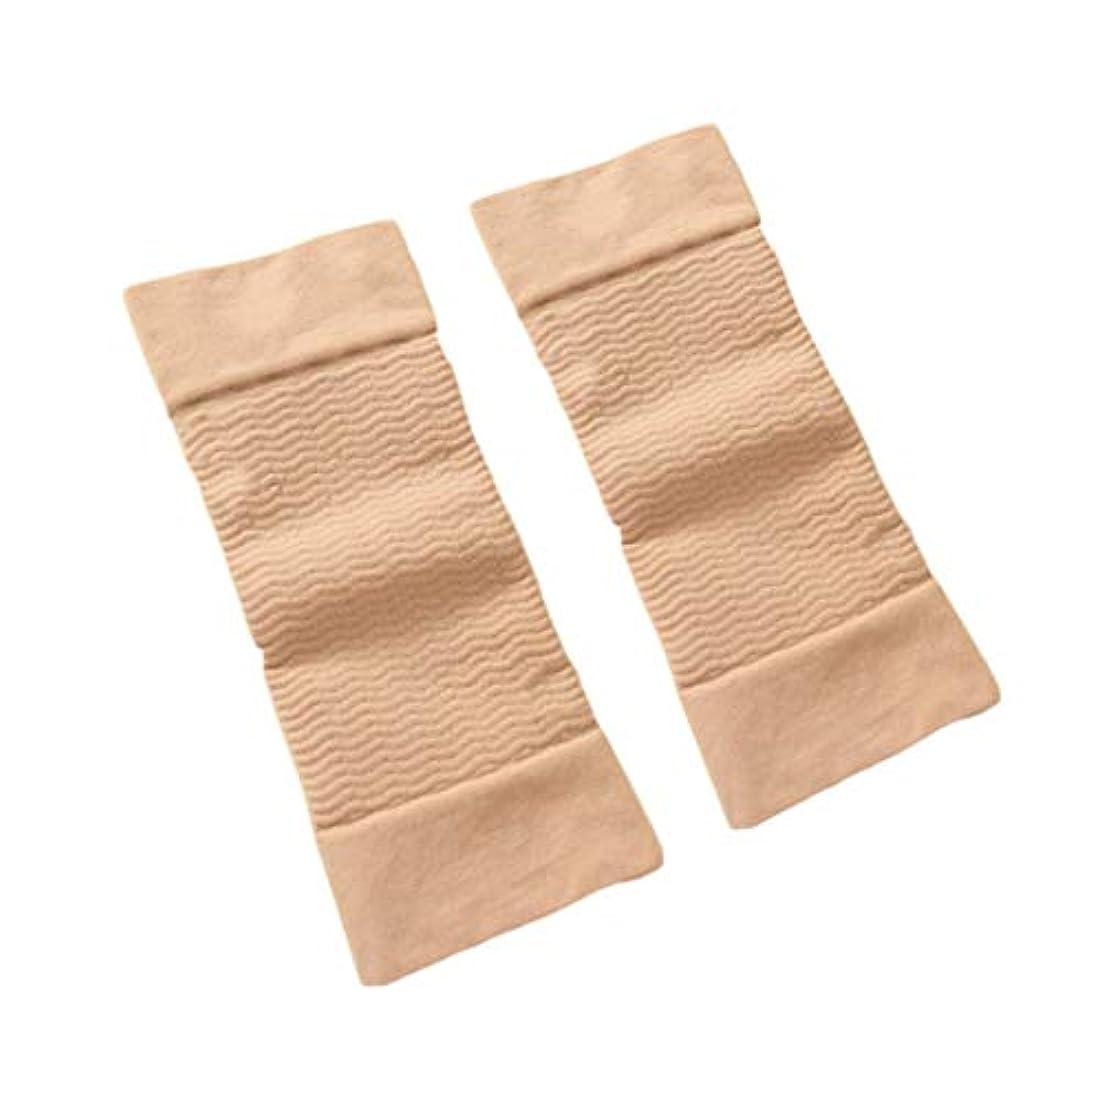 挑発する扱う比べる1ペア420 D圧縮痩身アームスリーブワークアウトトーニングバーンセルライトシェイパー脂肪燃焼袖用女性 - 肌色